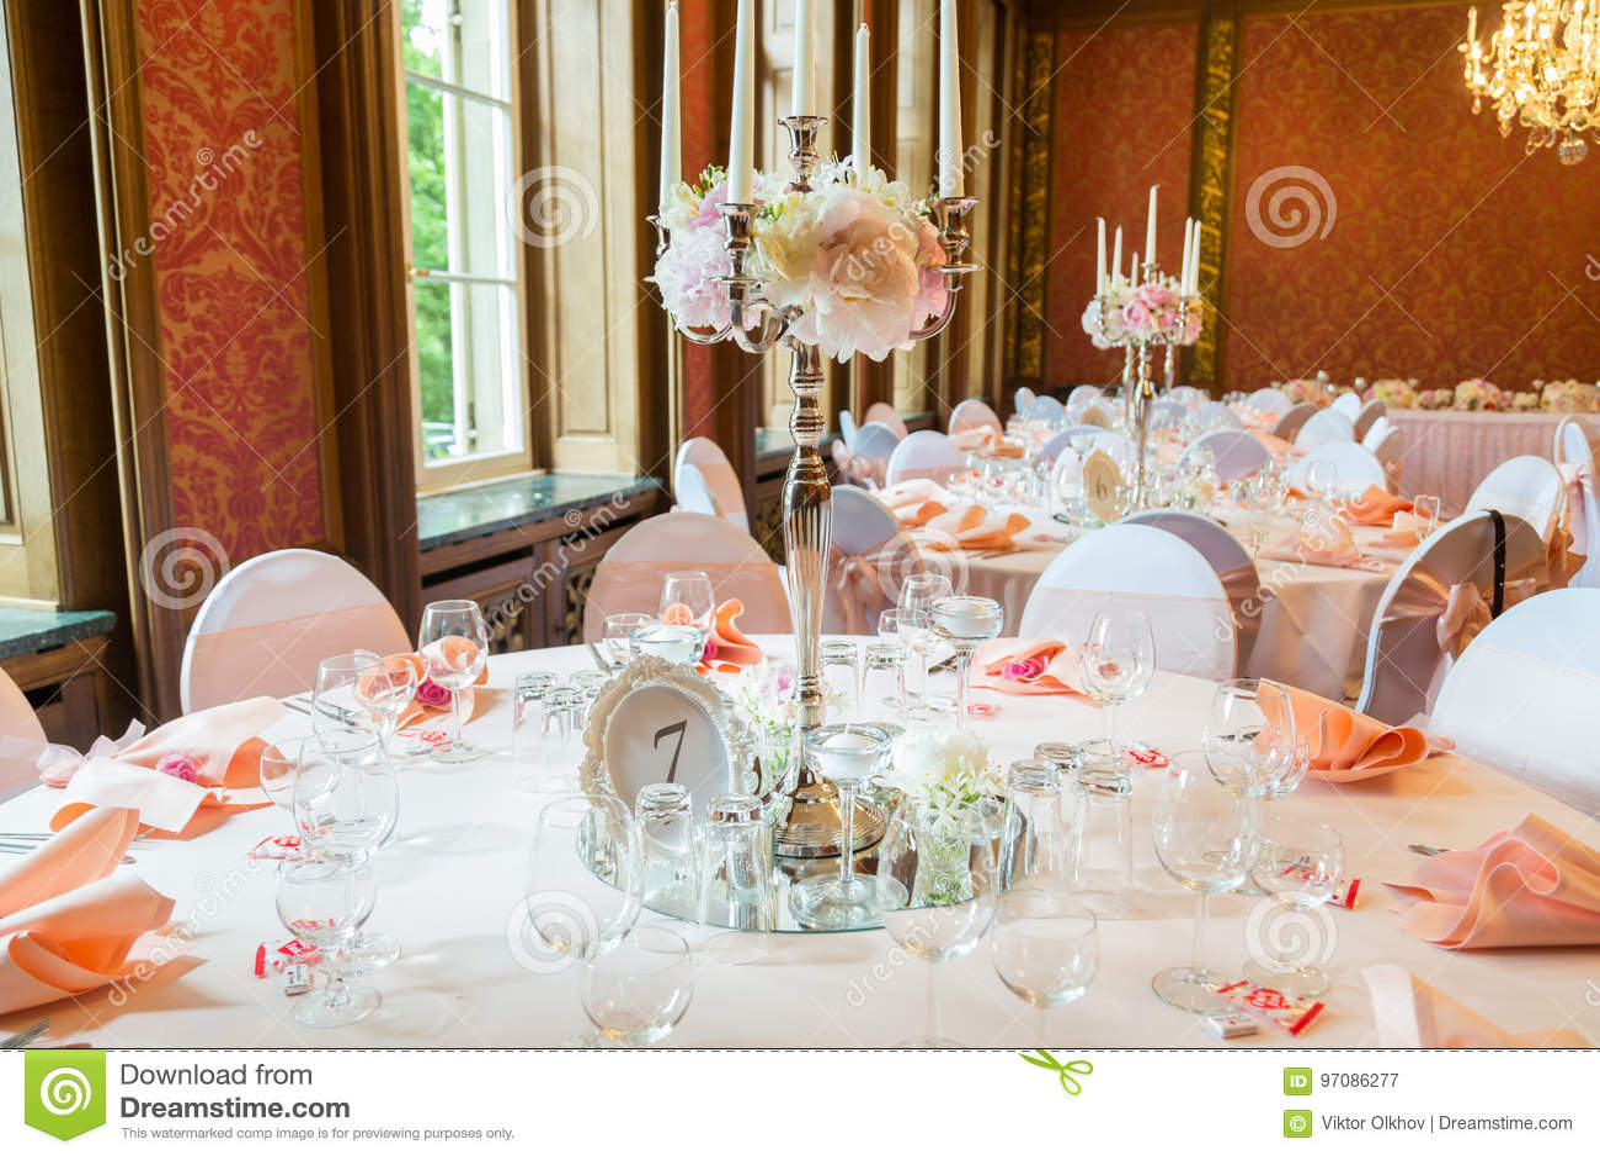 Dekoration Der Tabelle In Einer Rosa Art Hochzeitsdekorationen In